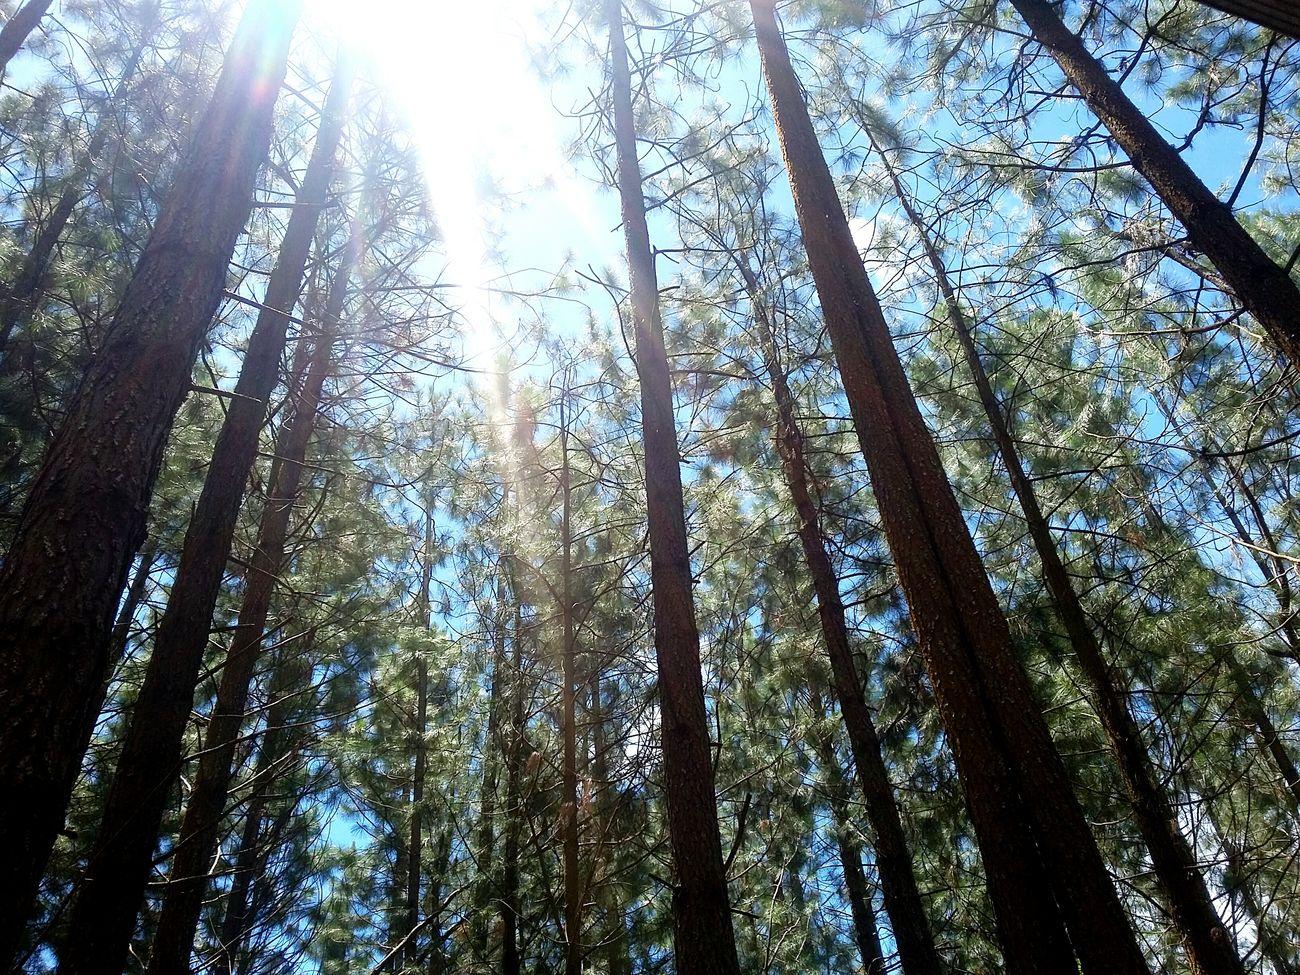 Taking Photos Sunnyday Naturephotography Forest Forestshot EyeemPhilippines Photooftheday Forest Photography